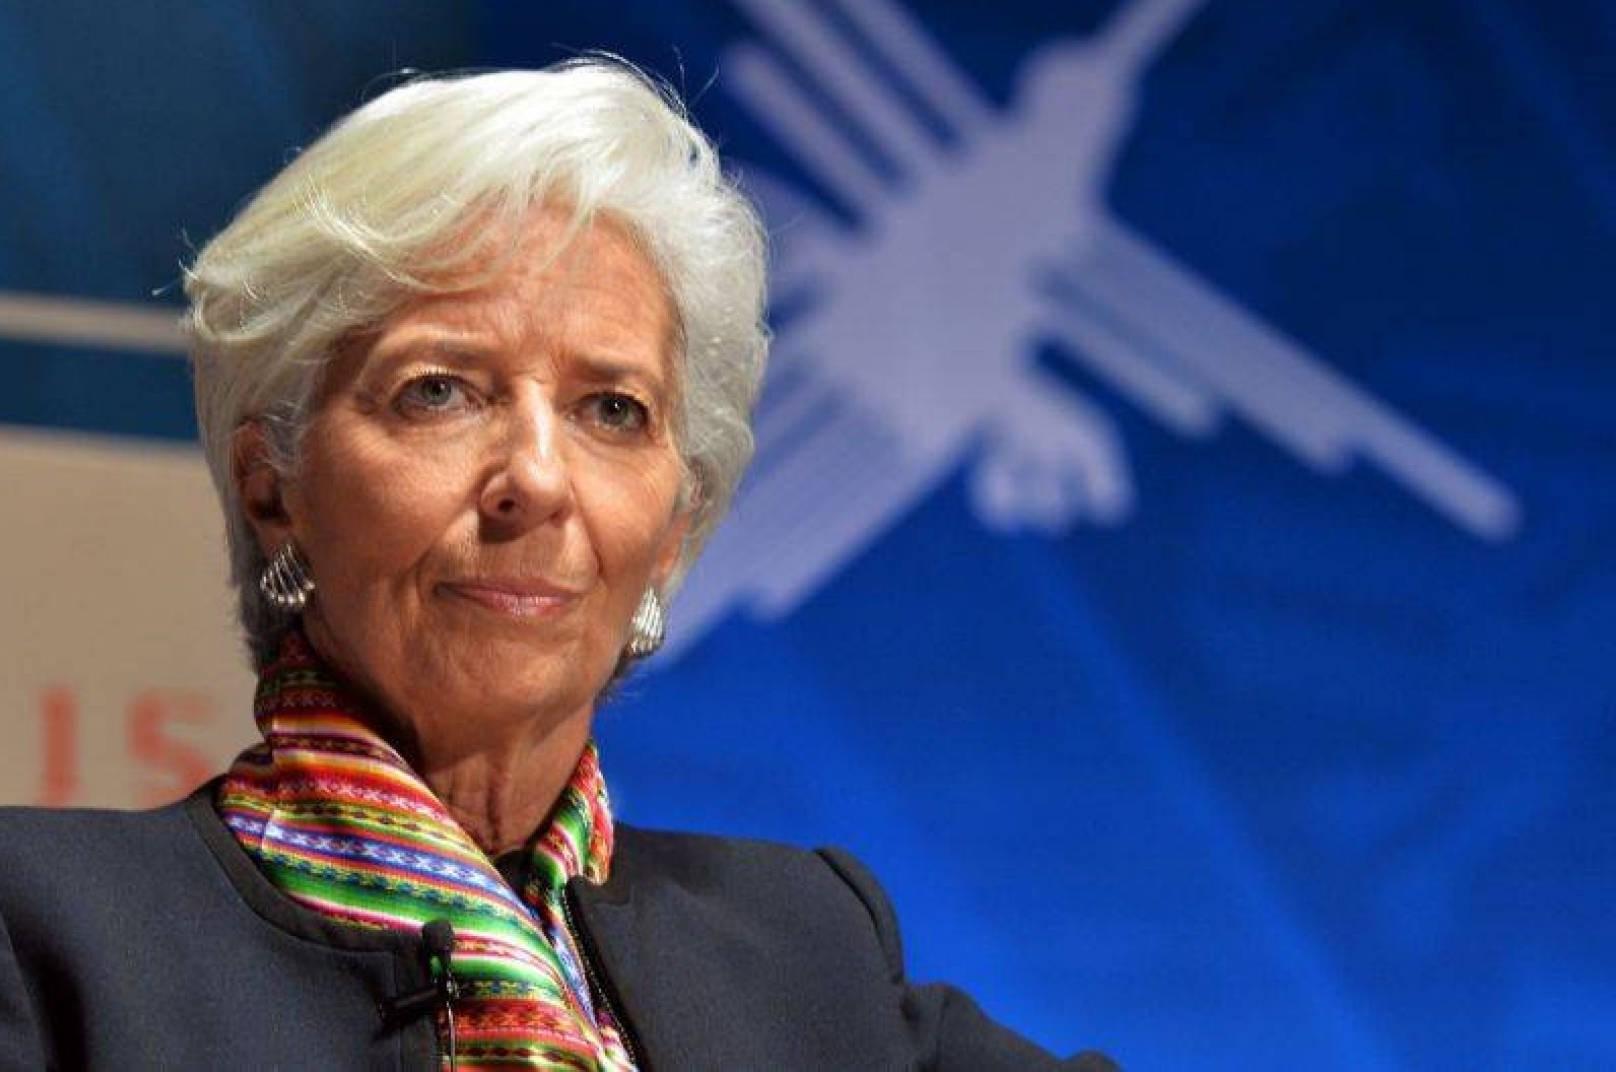 البنك المركزي الأوروبي توقع انتعاشاً اقتصادياً أقوى اعتباراً من العام 2022